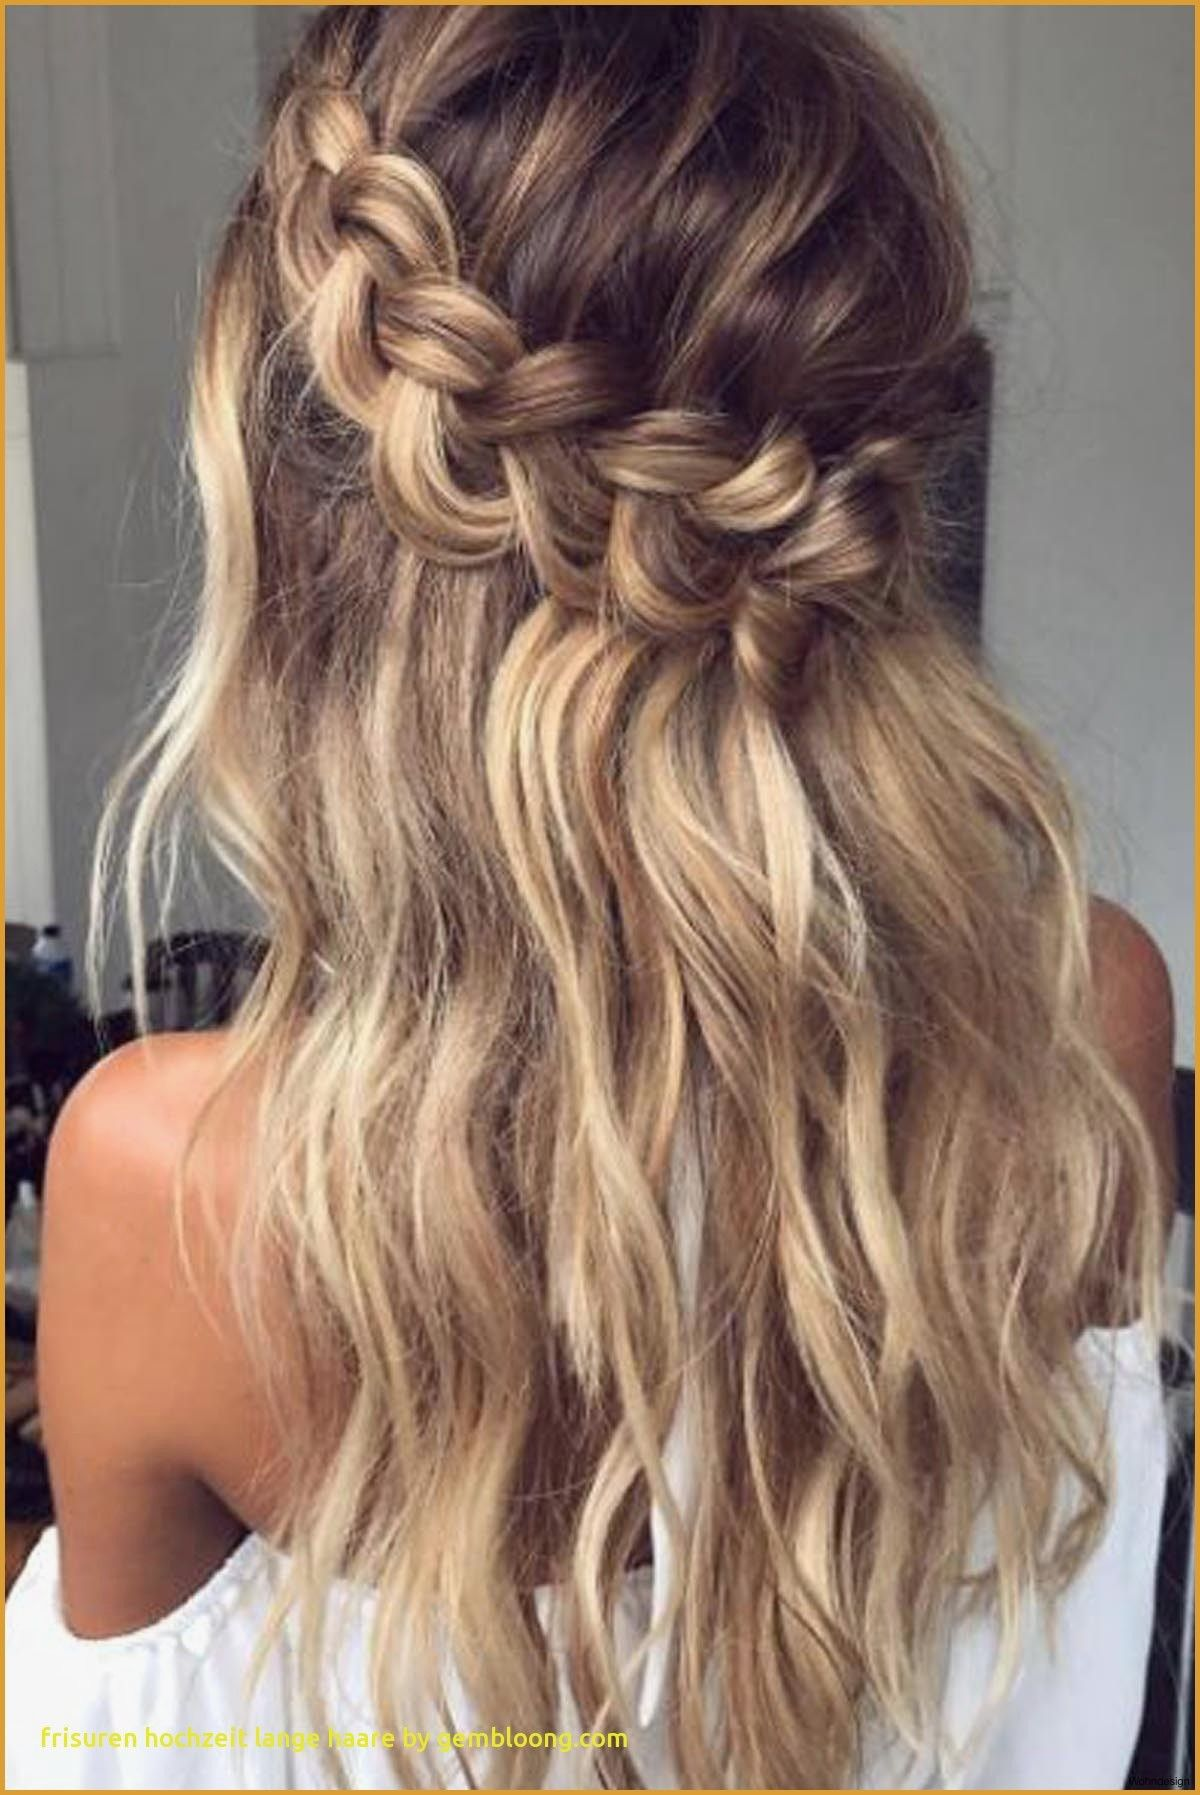 Frisuren Hochzeitsgast Frisuren Pinterest Hair Style Prom